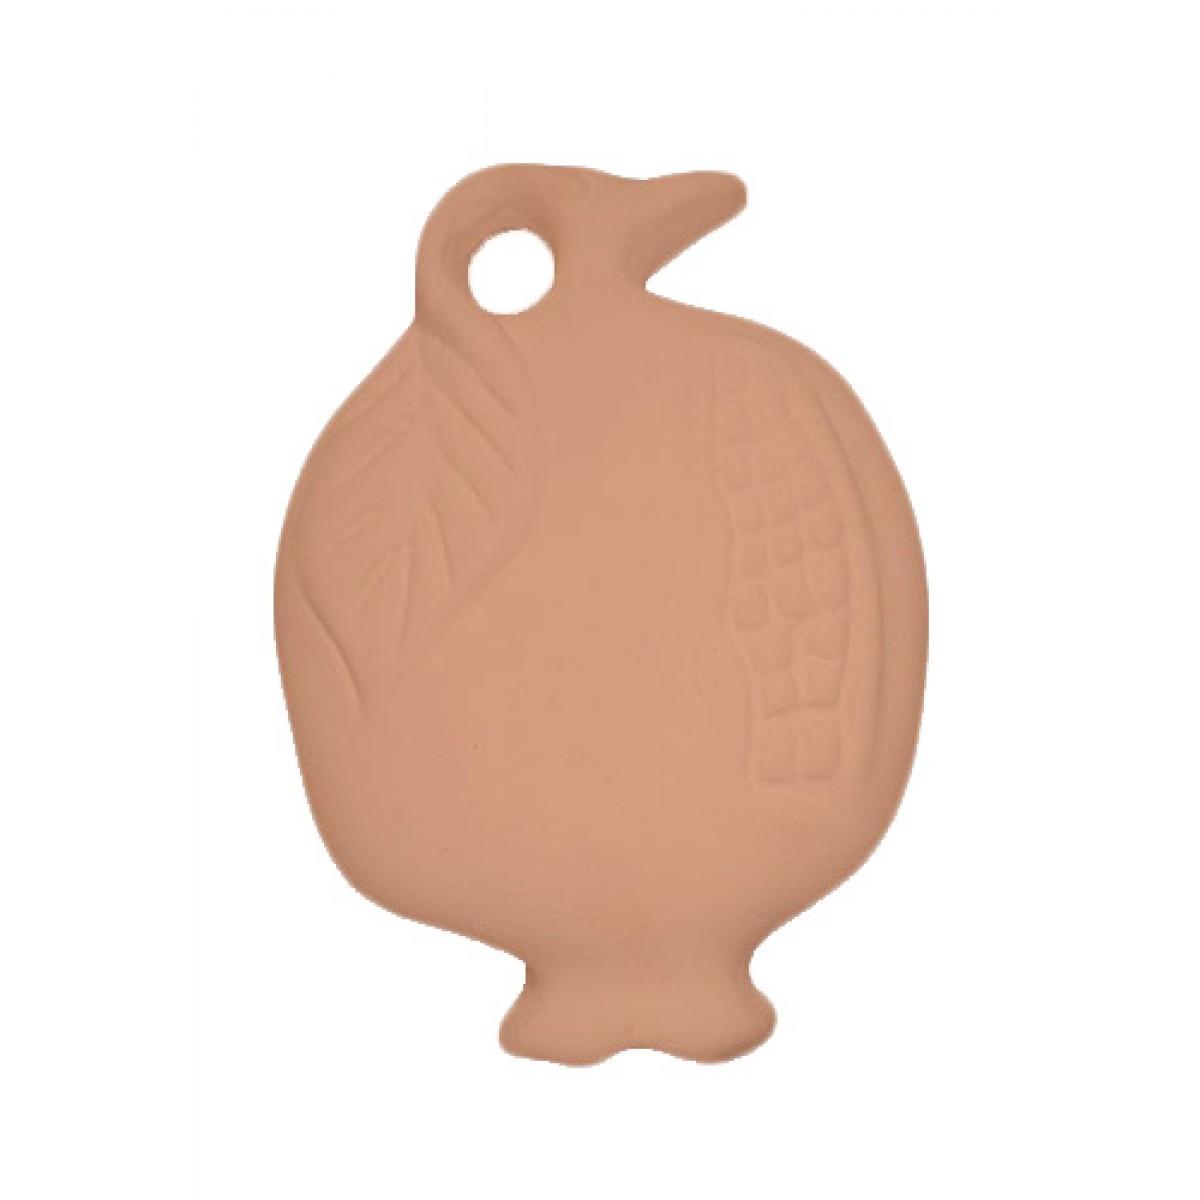 Κεραμικό Ρόδι Πλακέ 6.5cm (Μικρό) Υλικά Χειροτεχνίας